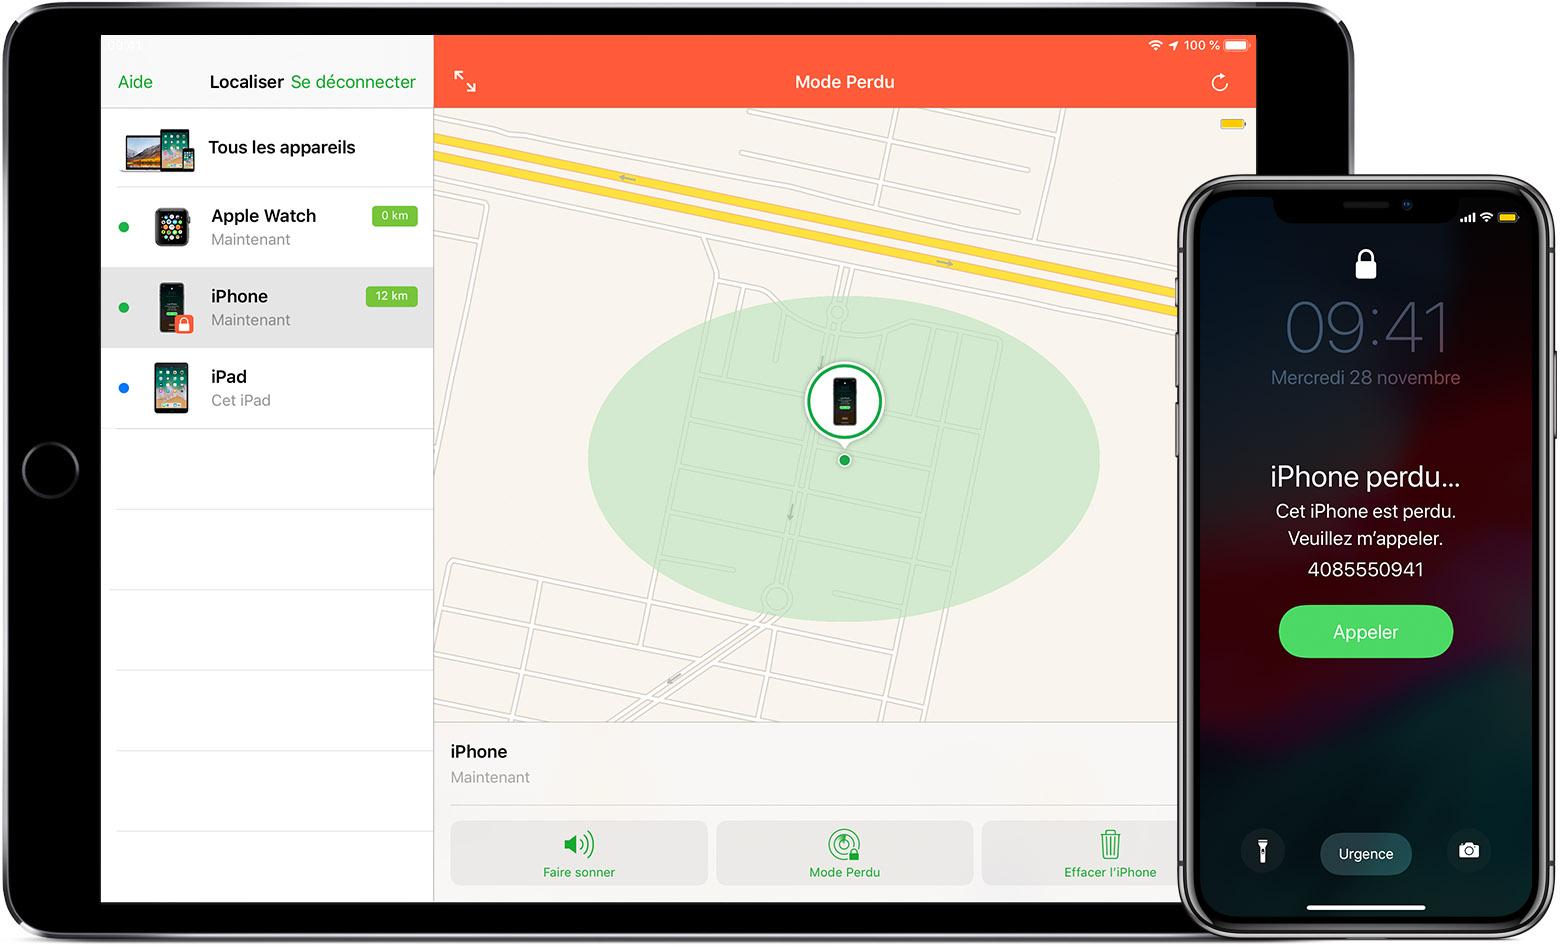 iCloud: Localiser votre appareil grâce à Localiser mon iPhone